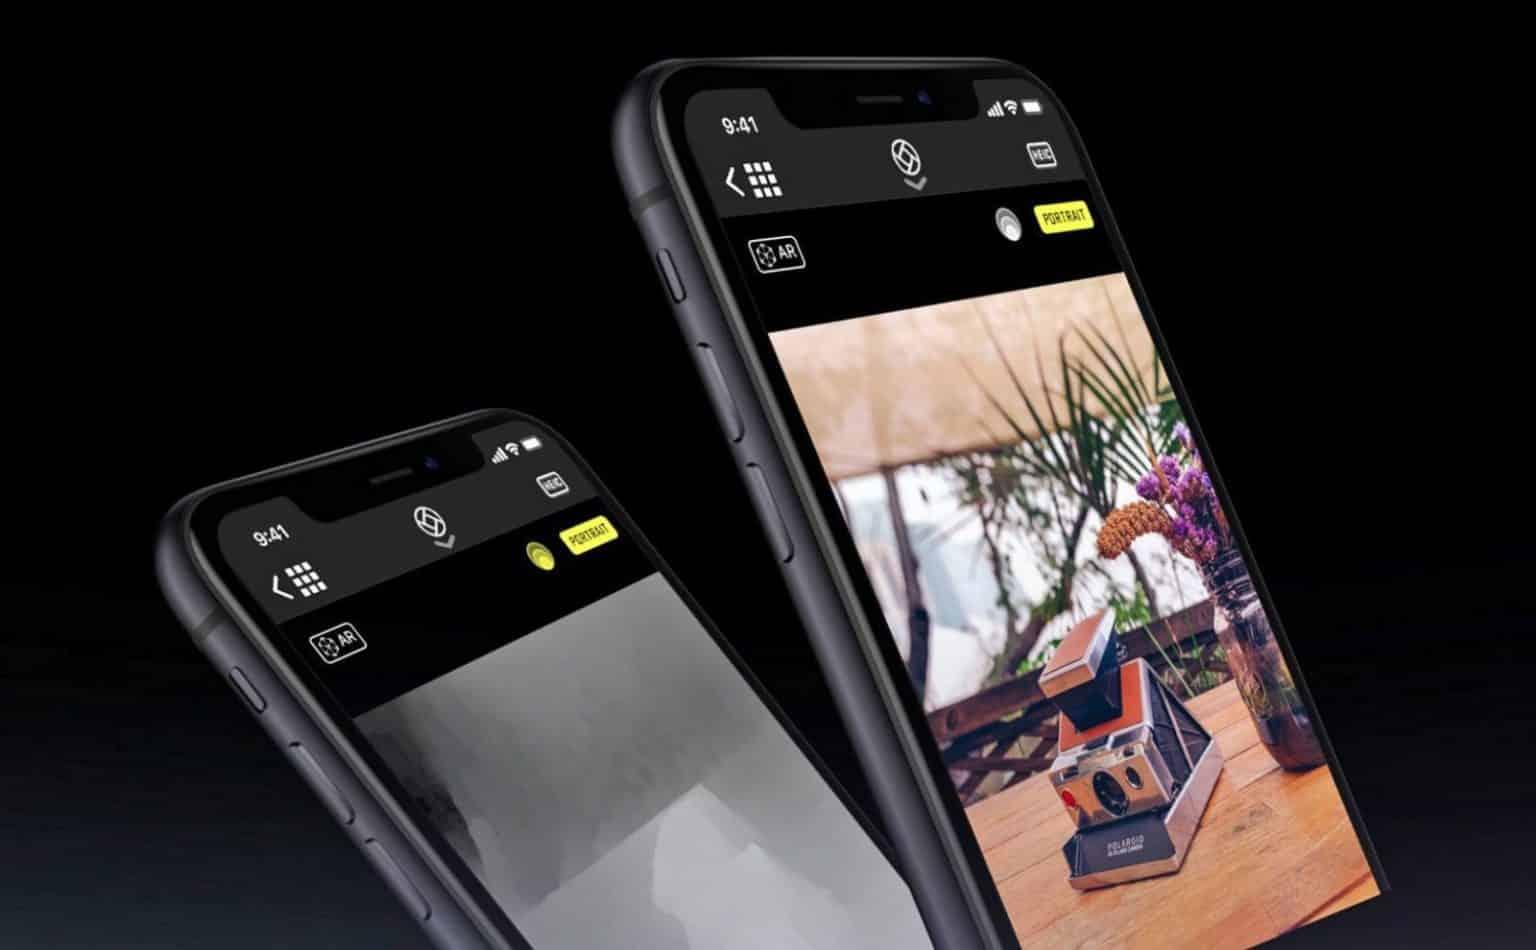 Tổng hợp những tính năng mới ứng dụng của camera trên iPhone khi cập nhật iOS 14